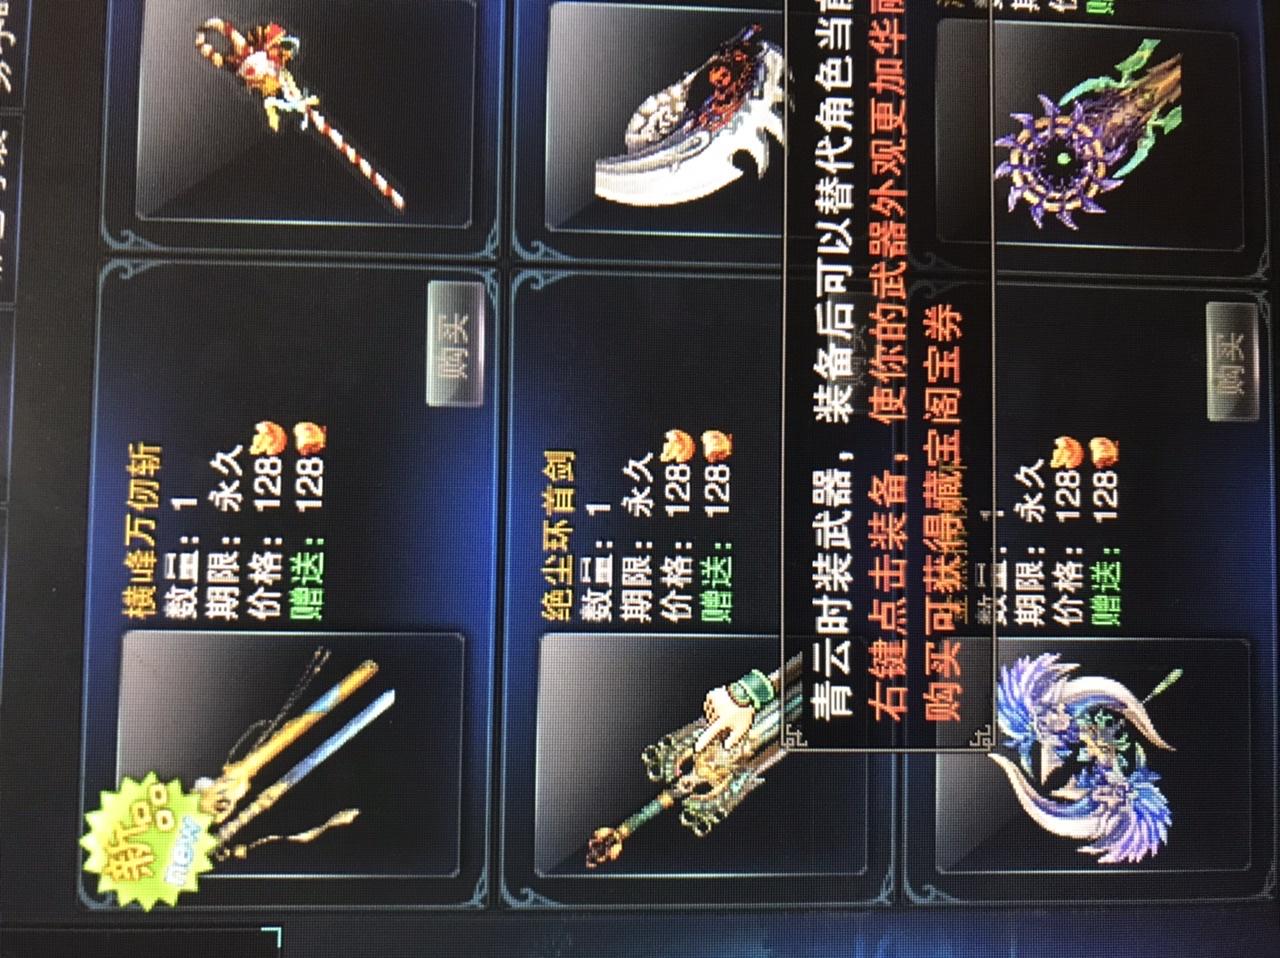 仙裔时装武器可以使用人物的吗?